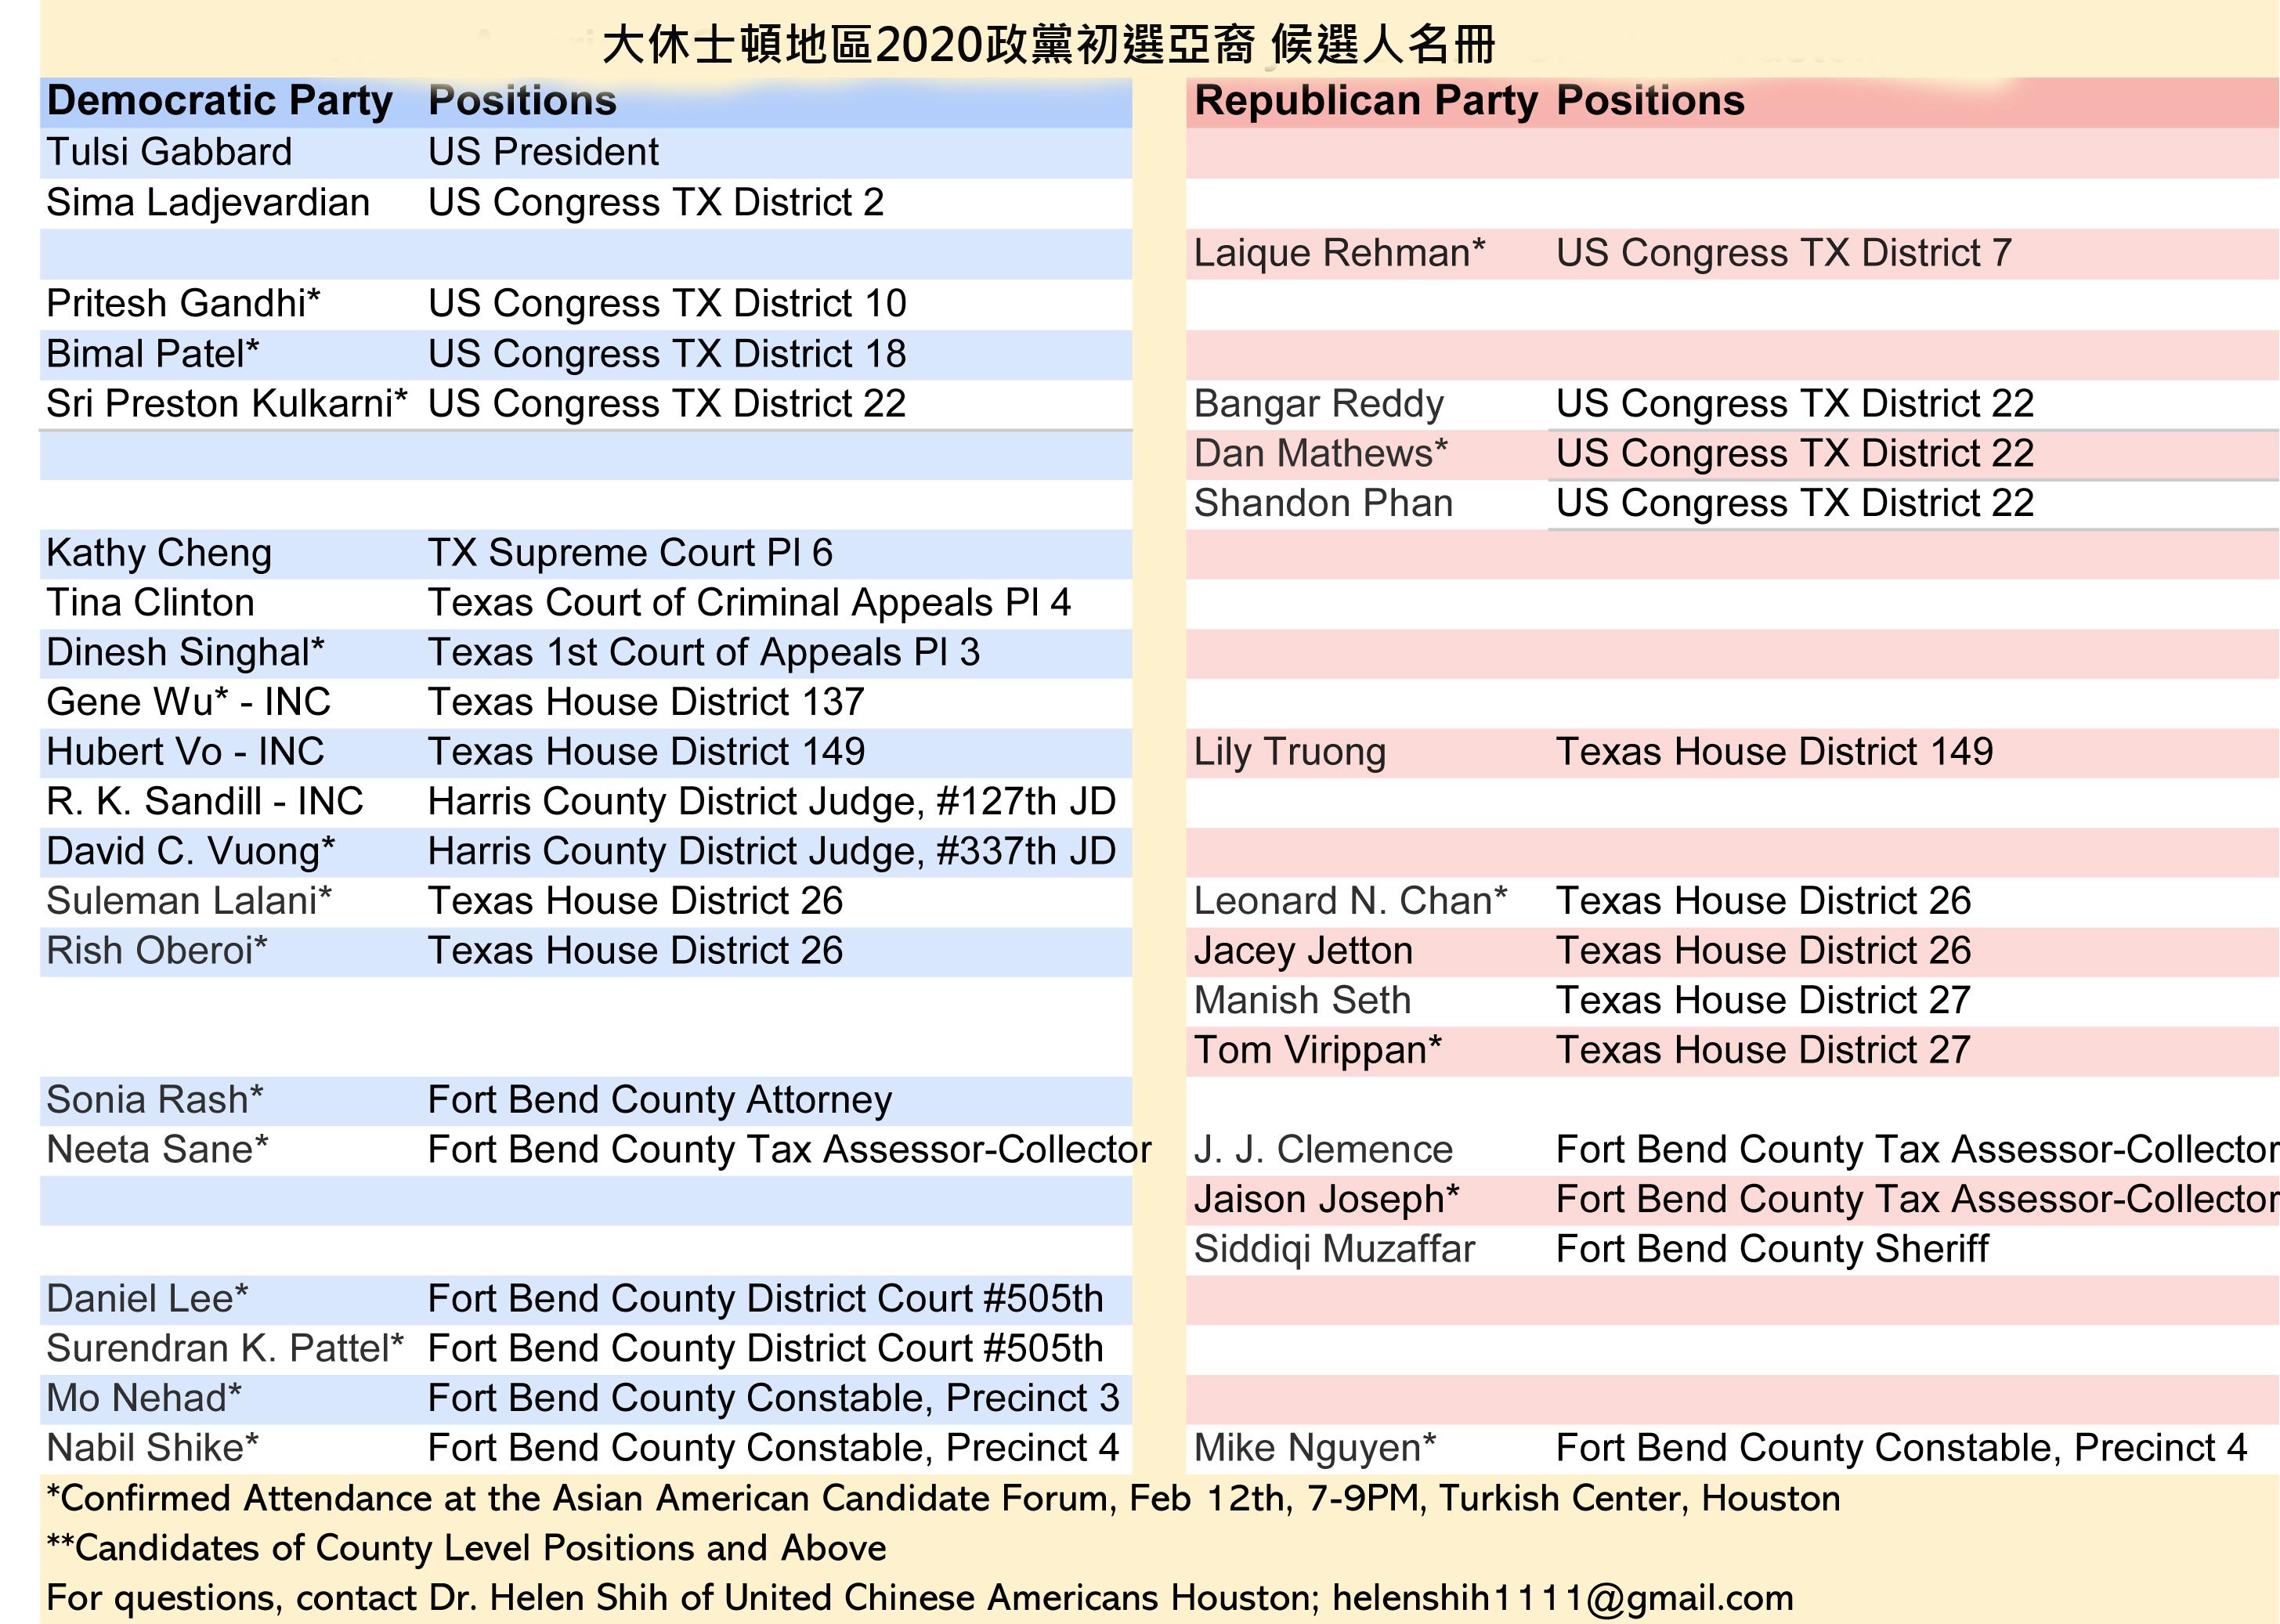 大休士頓地區2020政黨初選亞裔候選人名冊。(圖/ 施慧倫提供)